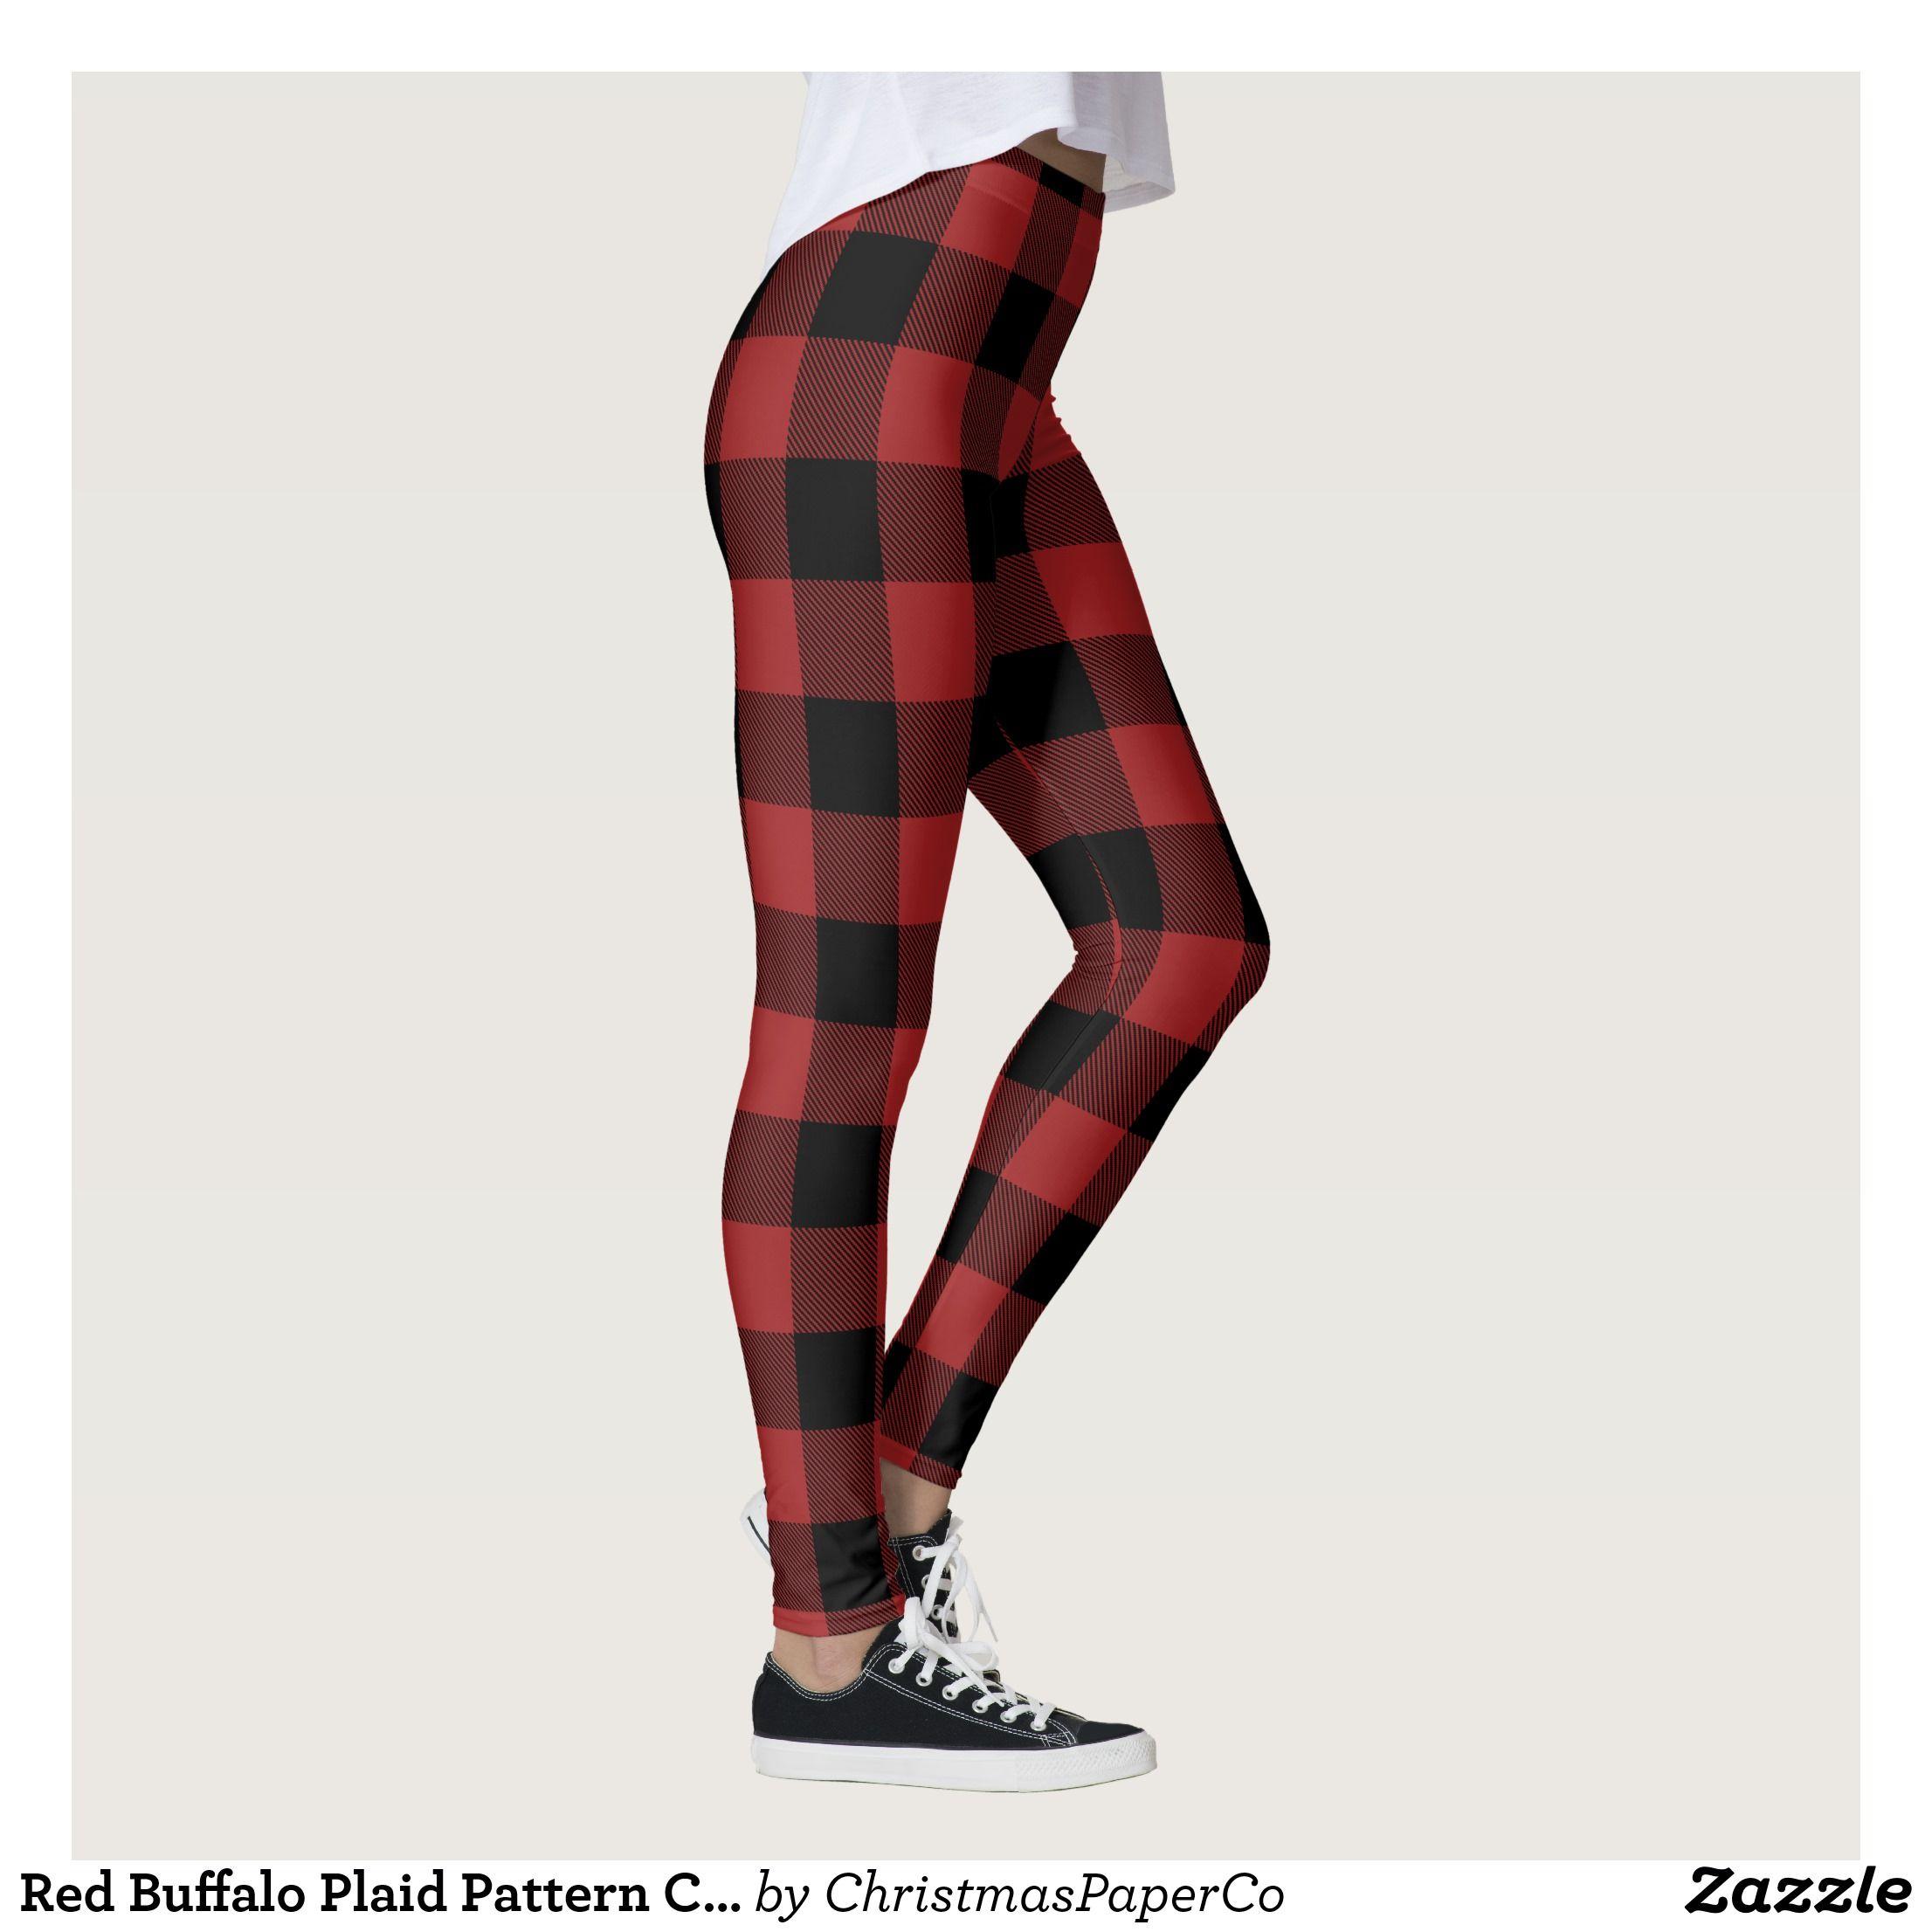 Yoga Pants Fall New Christmas red Plaid Pantyhose Female Printed Leggings